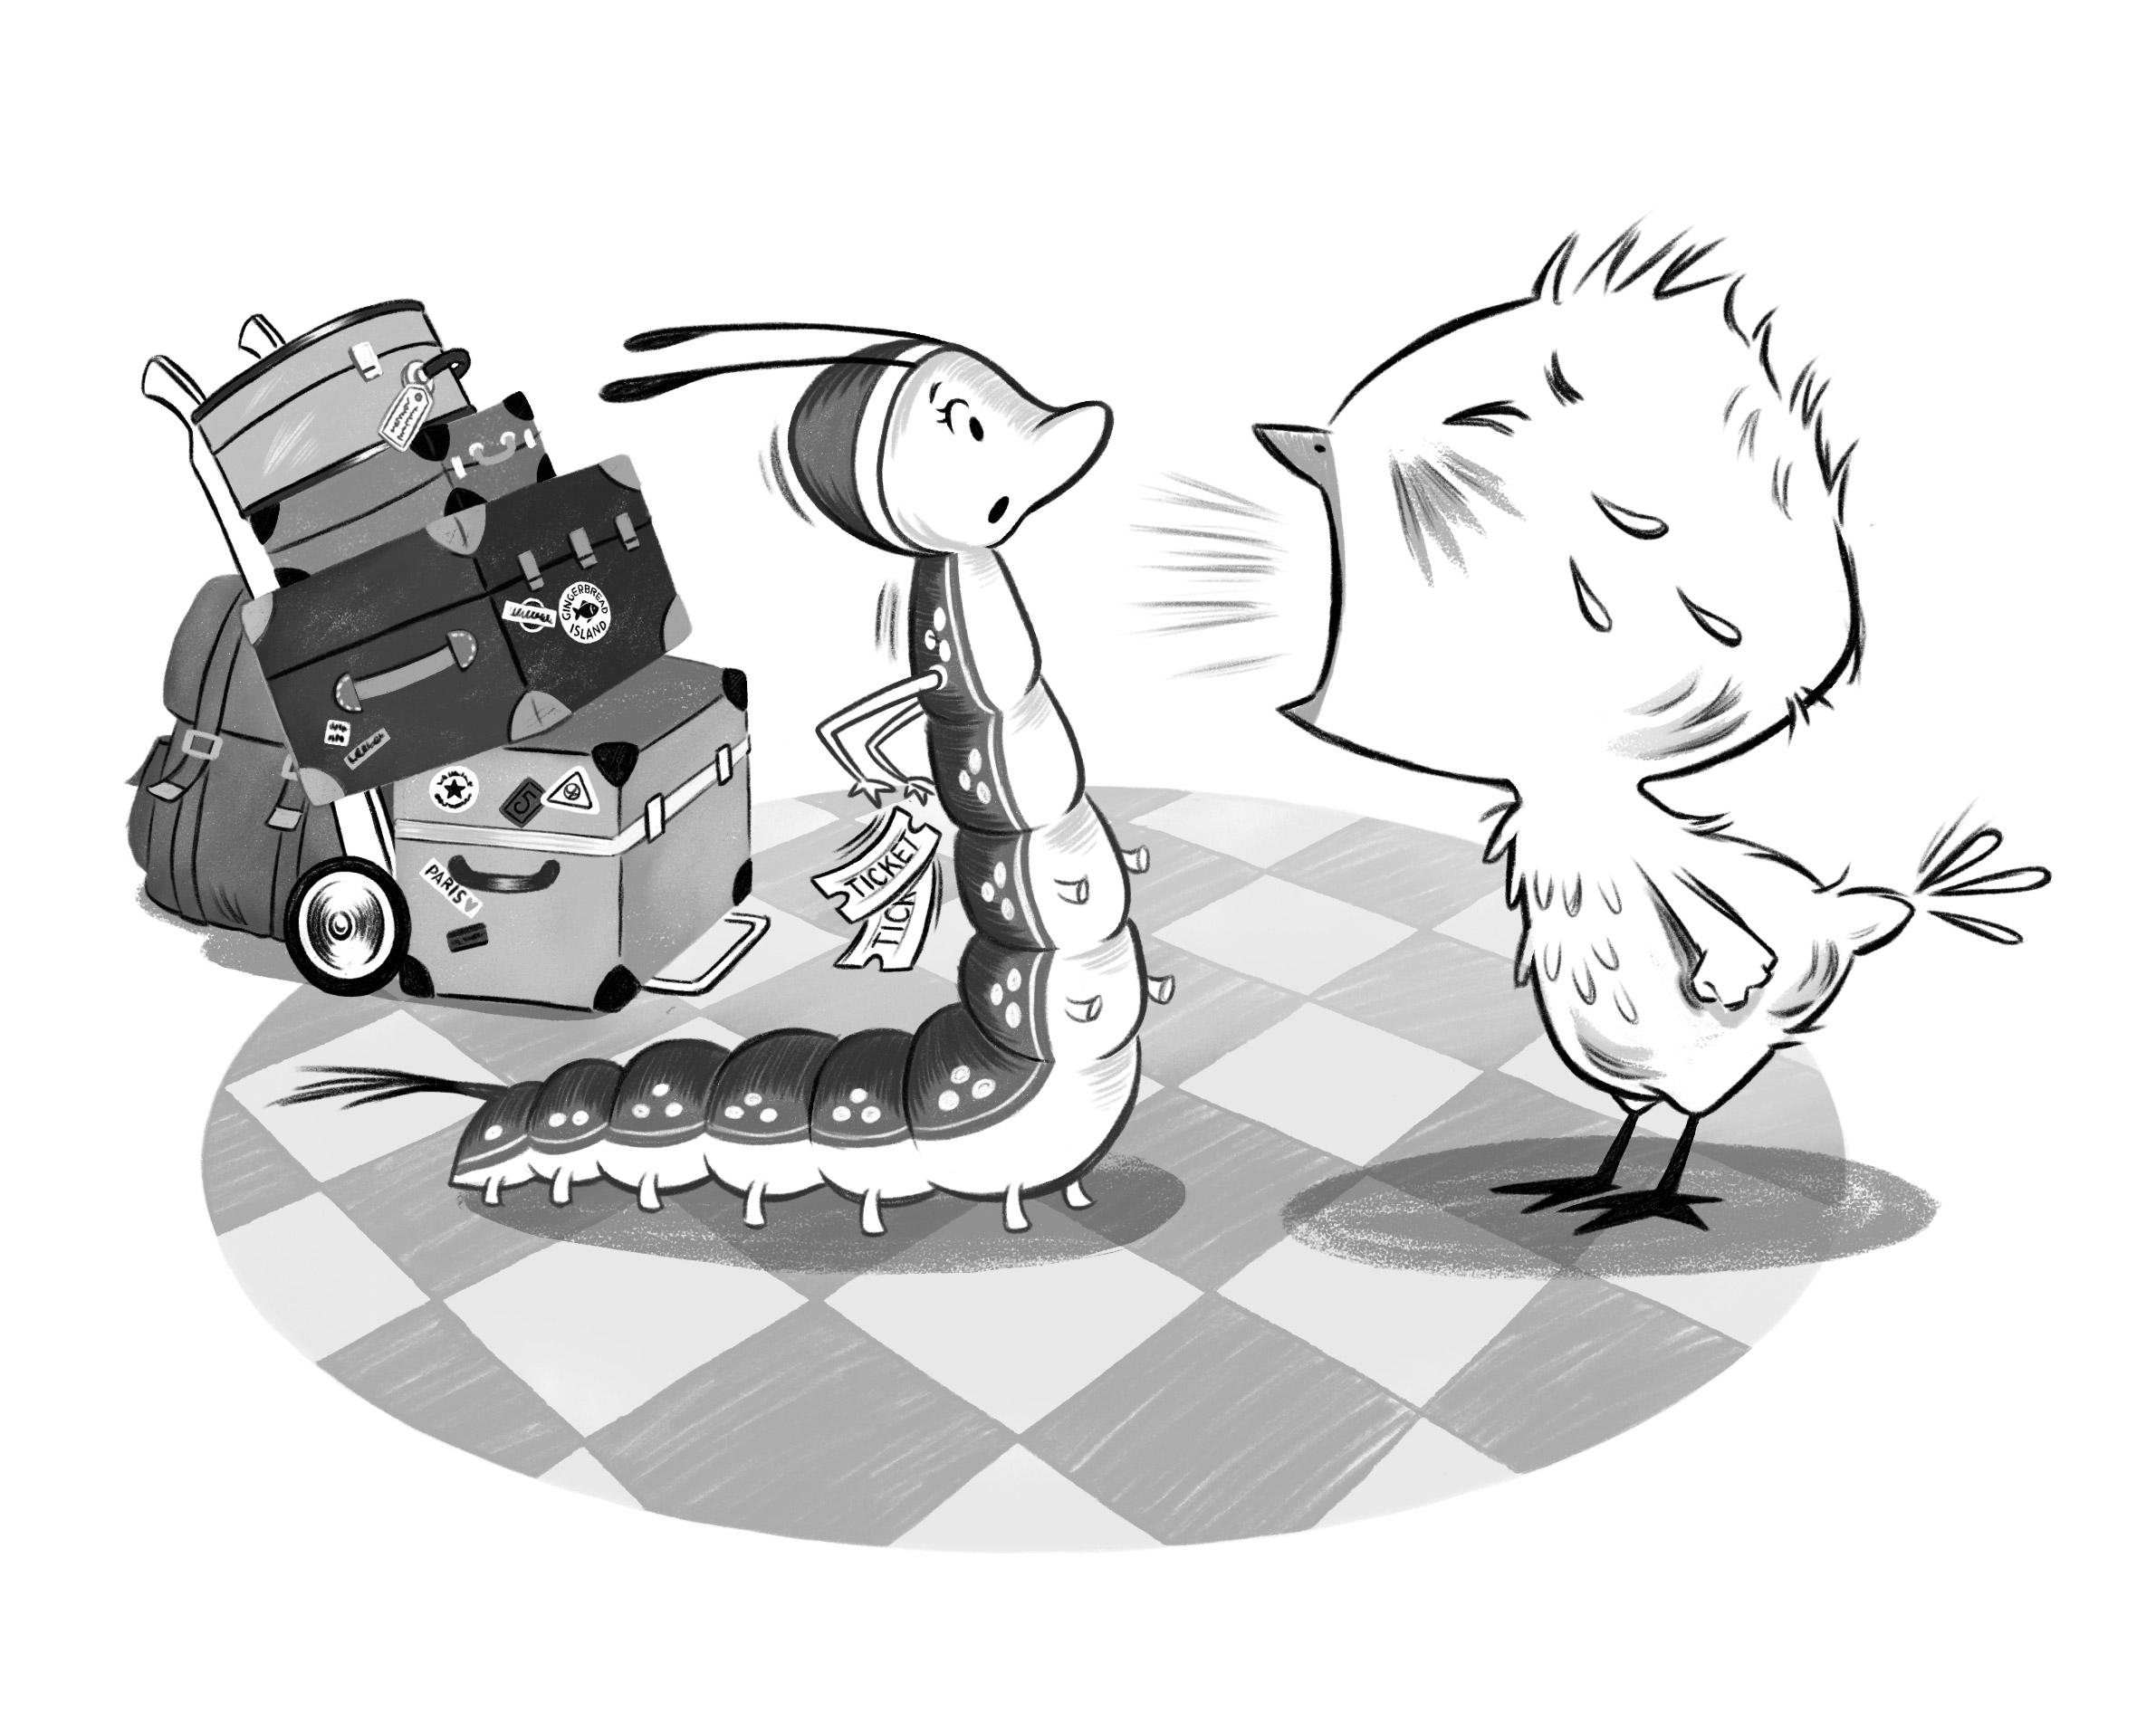 CS_ChickenShouts_72.jpg